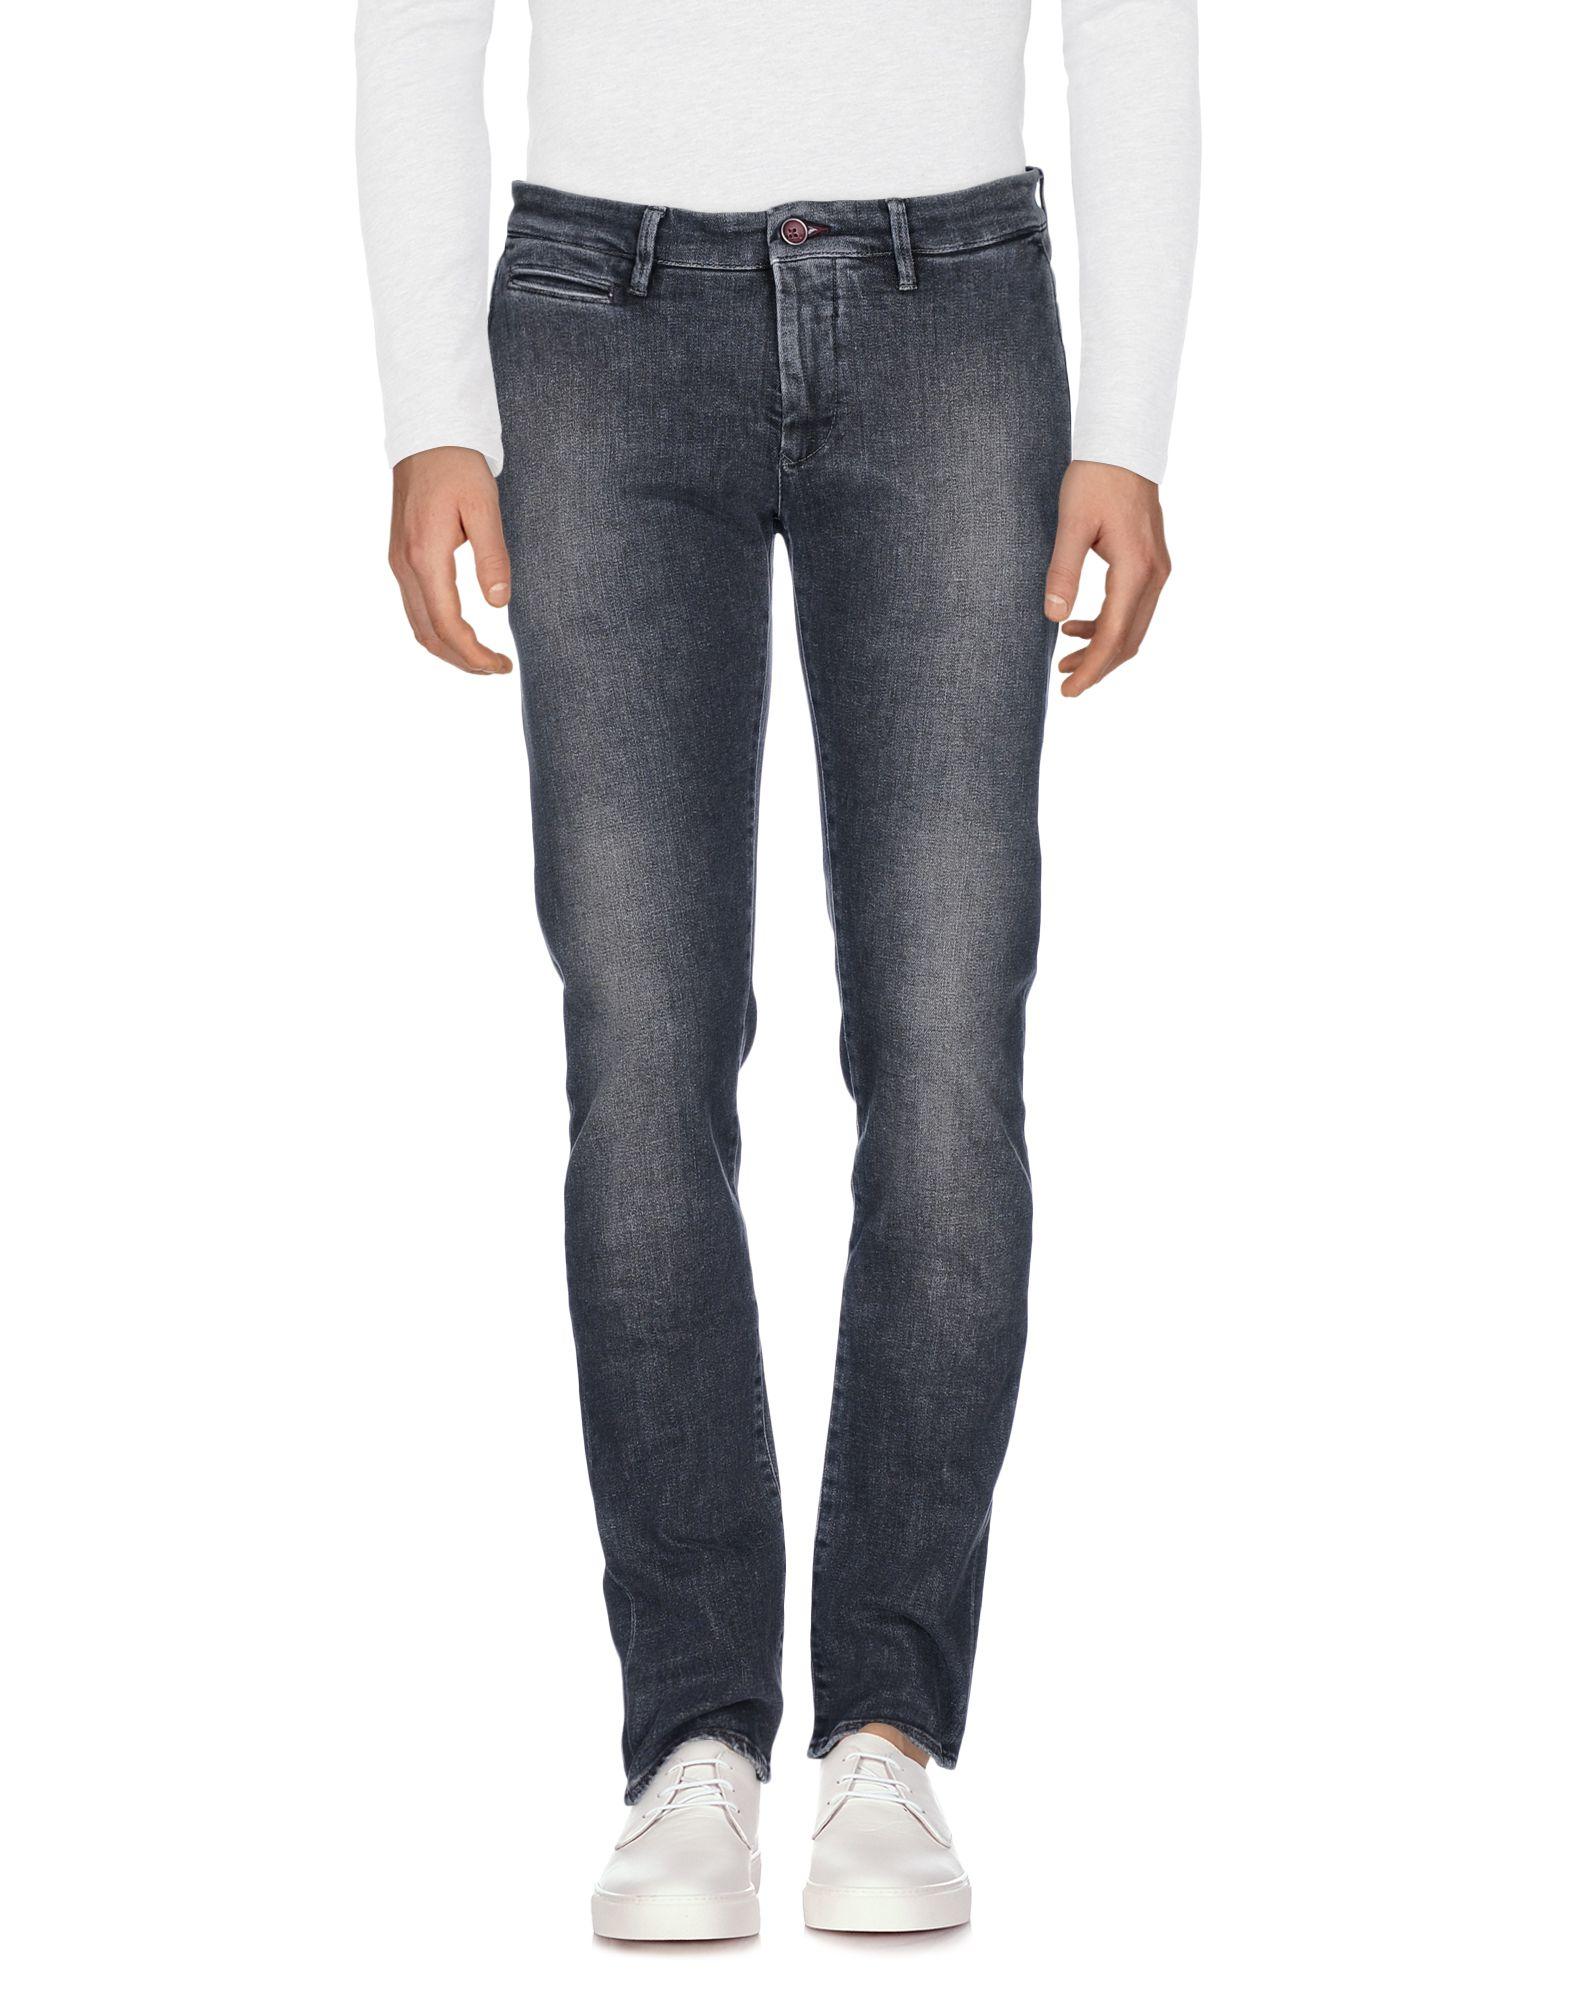 SIVIGLIA Herren Jeanshose Farbe Schwarz Größe 5 - broschei